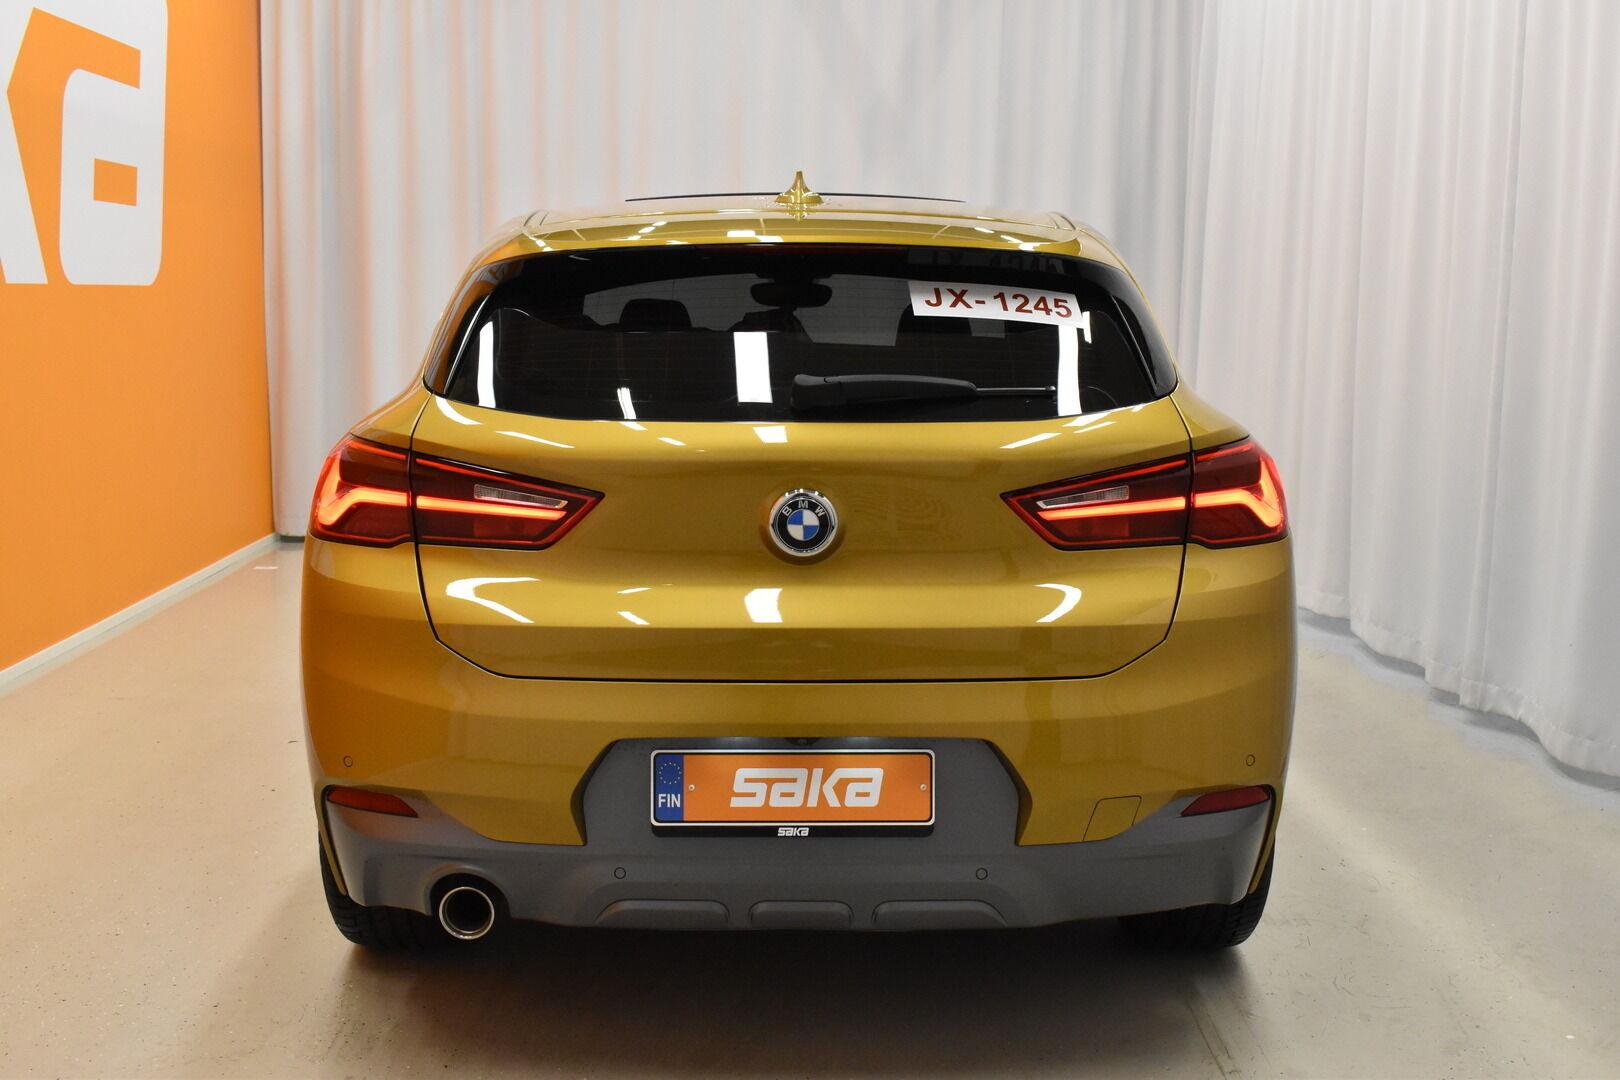 Keltainen Maastoauto, BMW X2 – LAH-64417, kuva 3